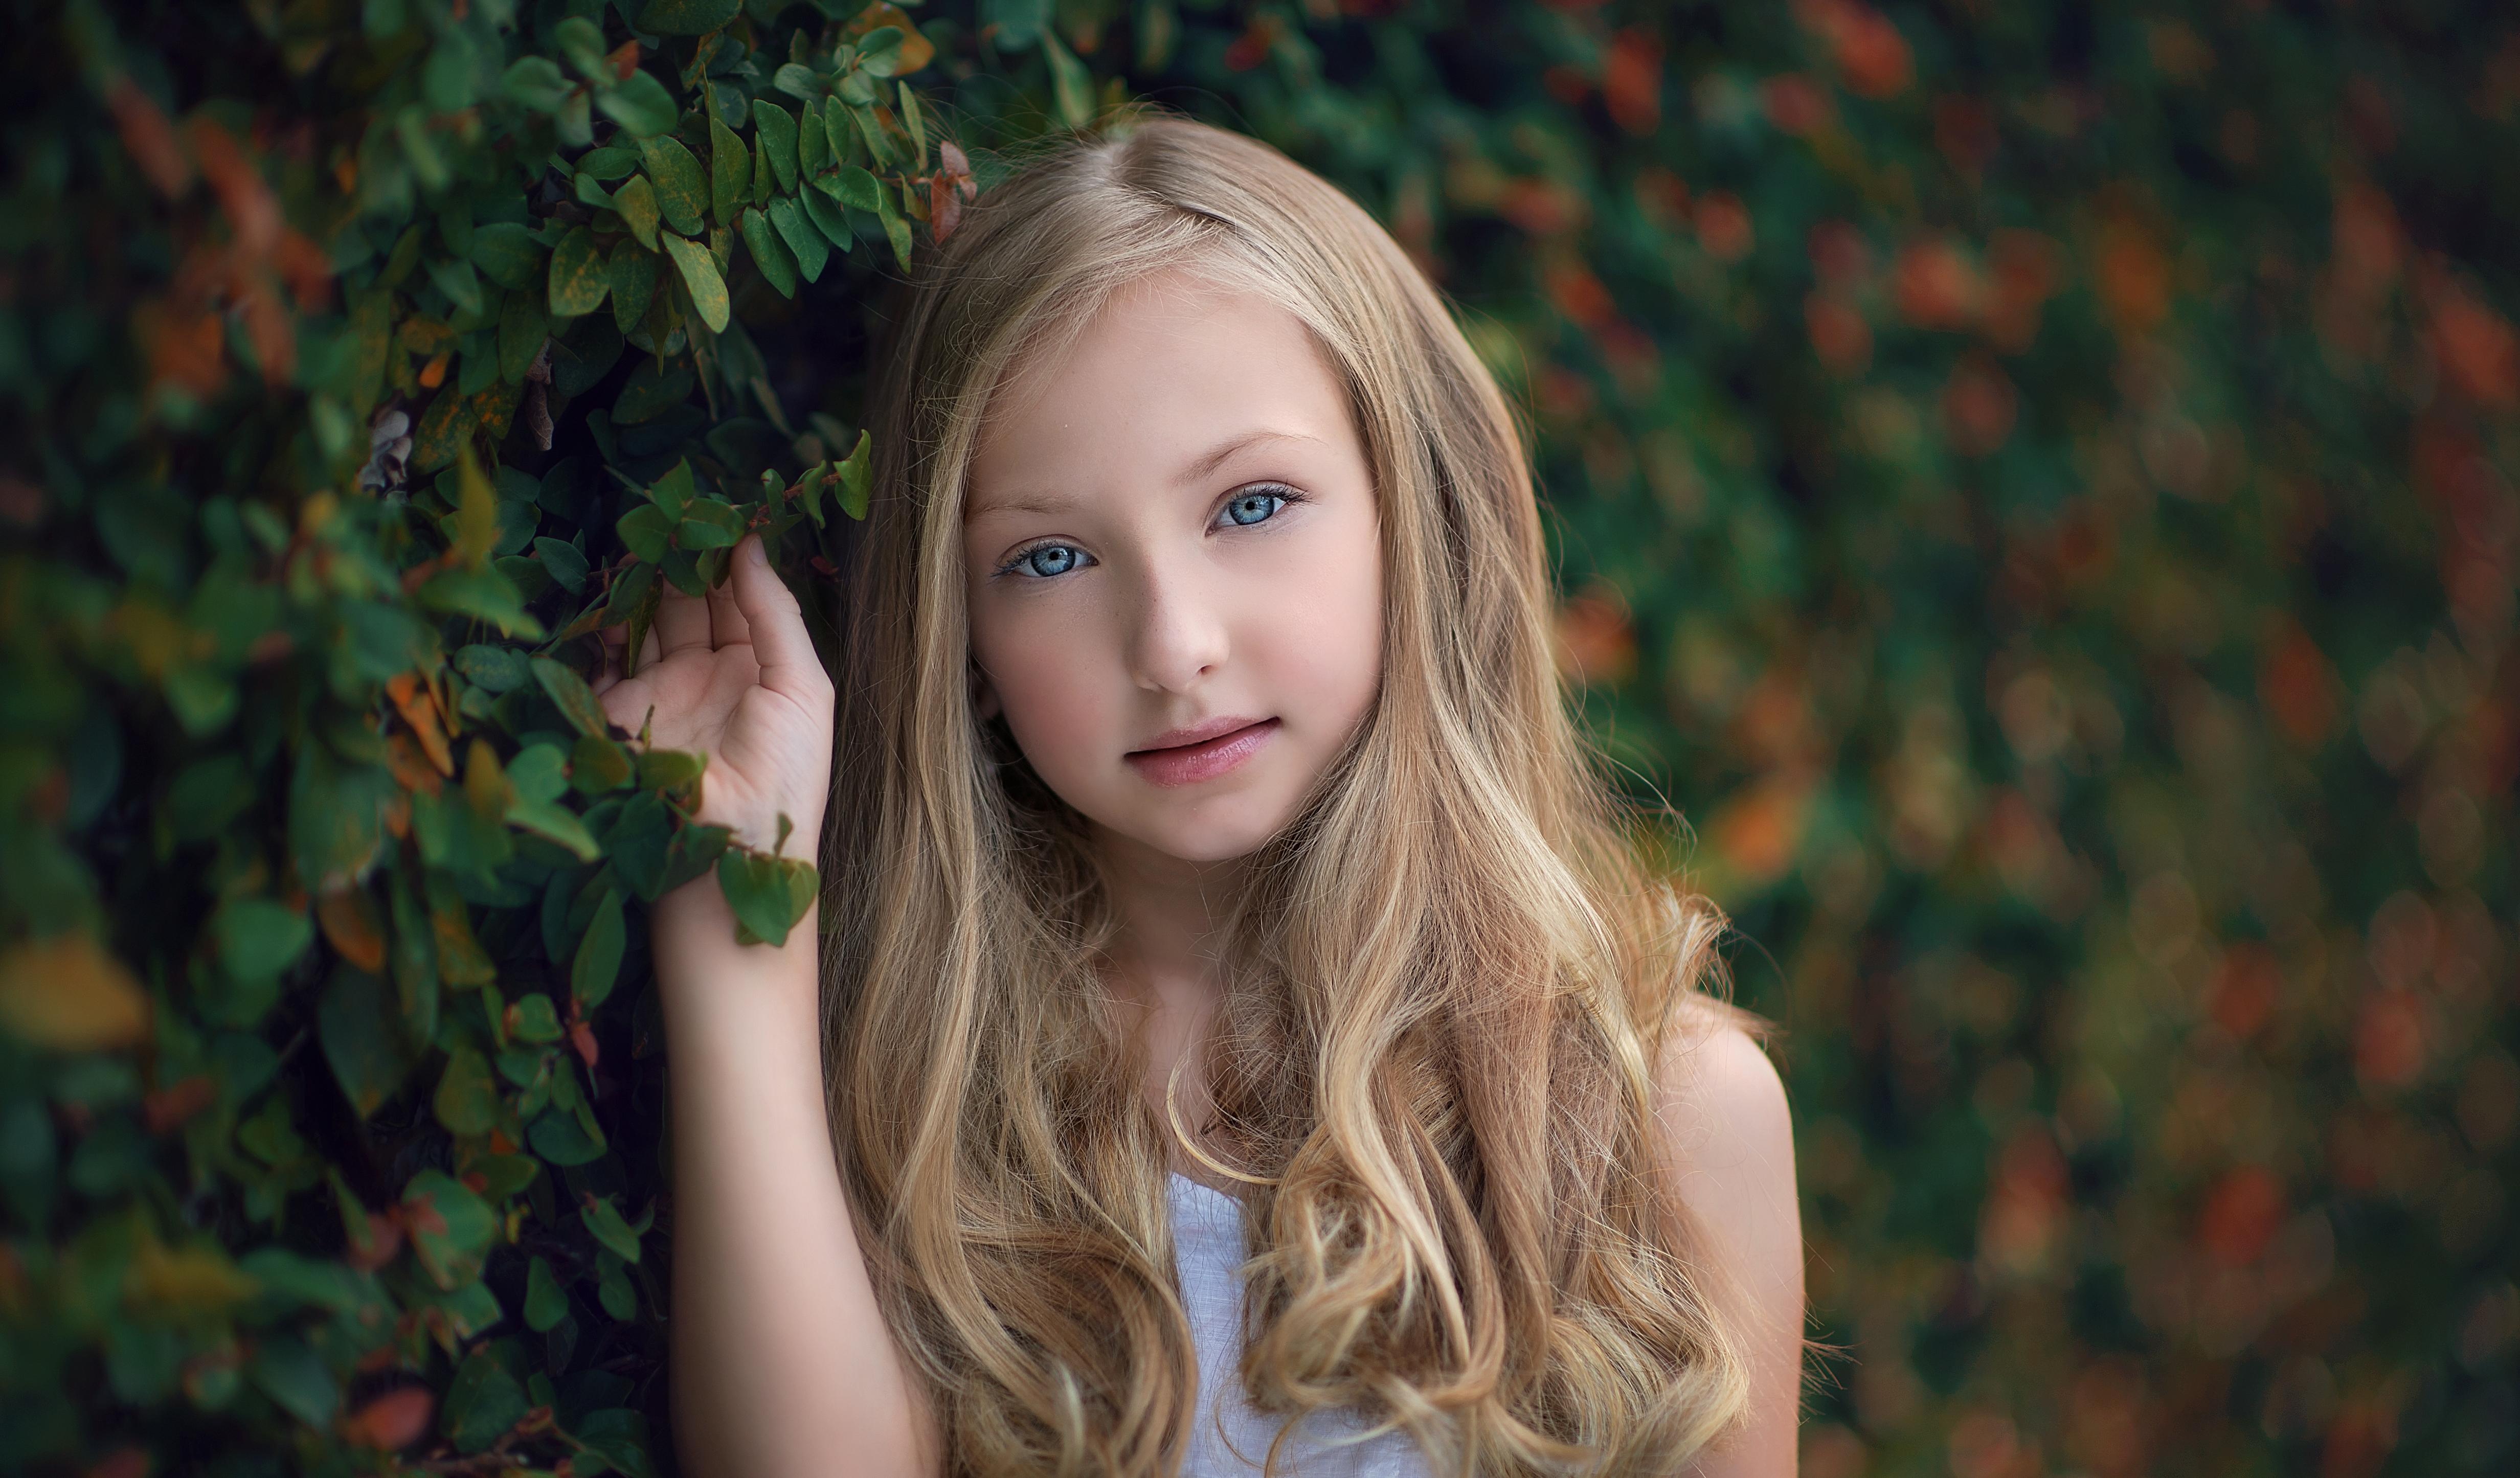 Фото девушки с маленькими, Маленькая грудьфото. Девушки с натуральной 27 фотография